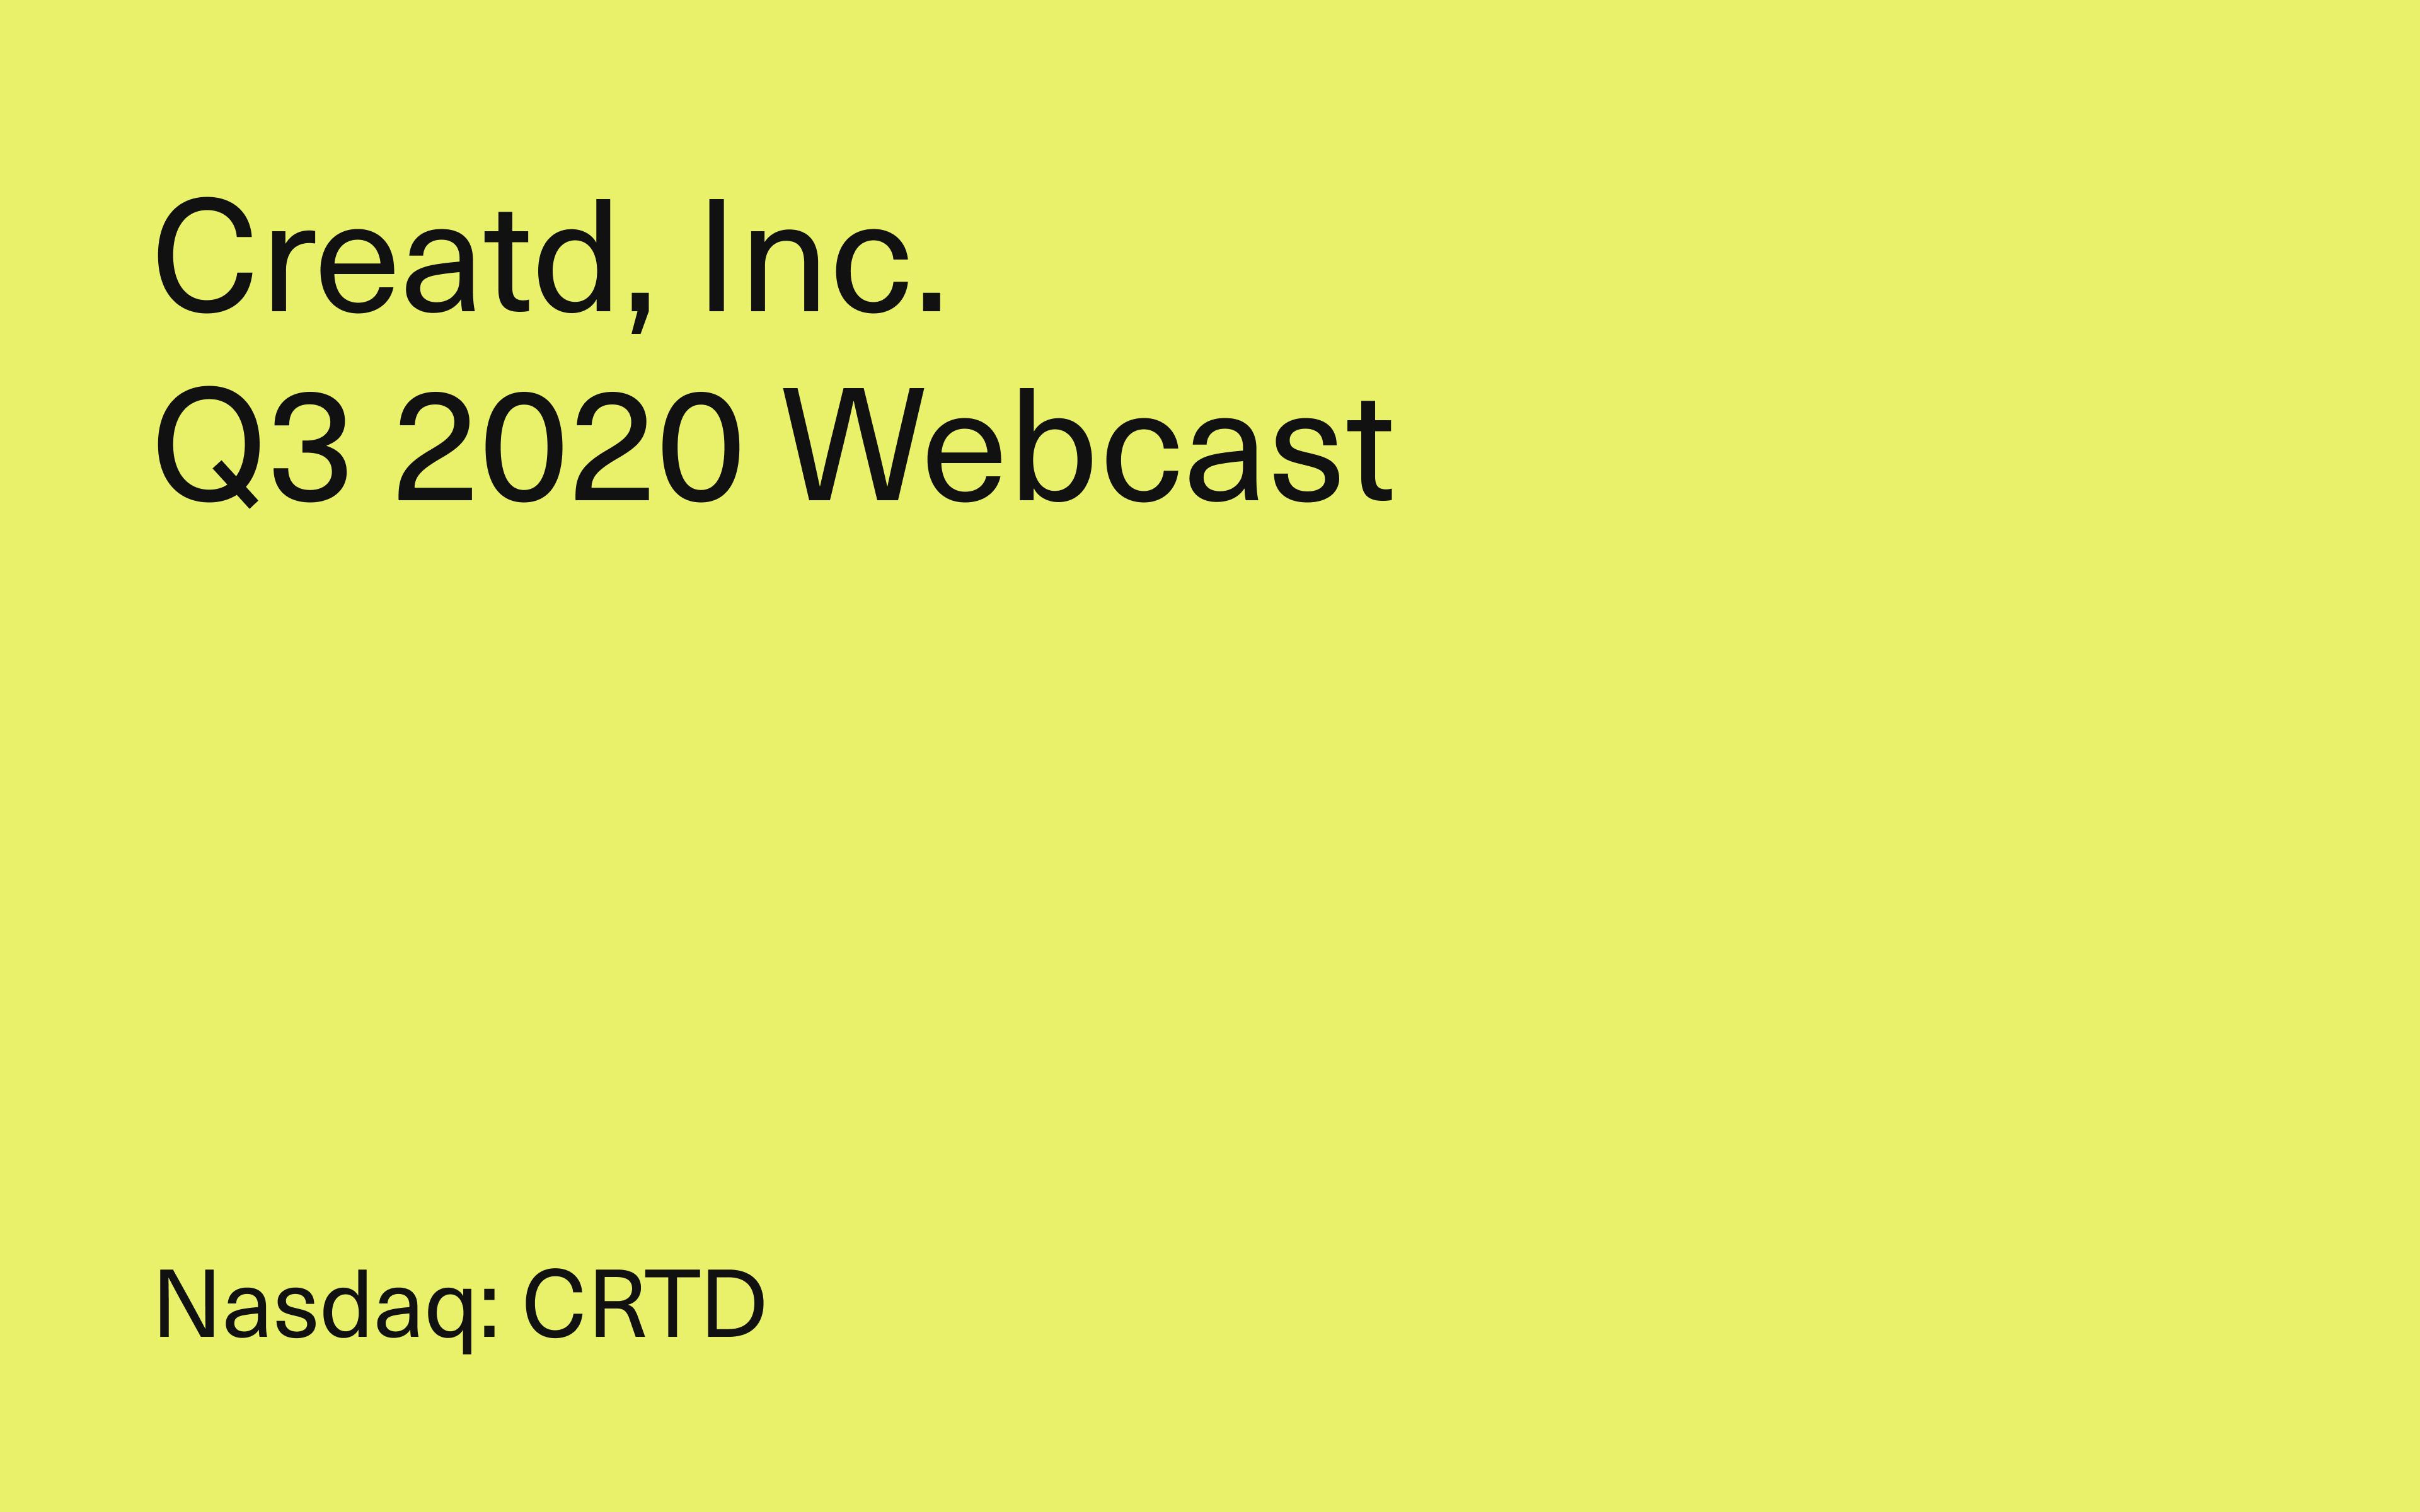 Creatd, Inc. Q3 2020 Webcast Recap